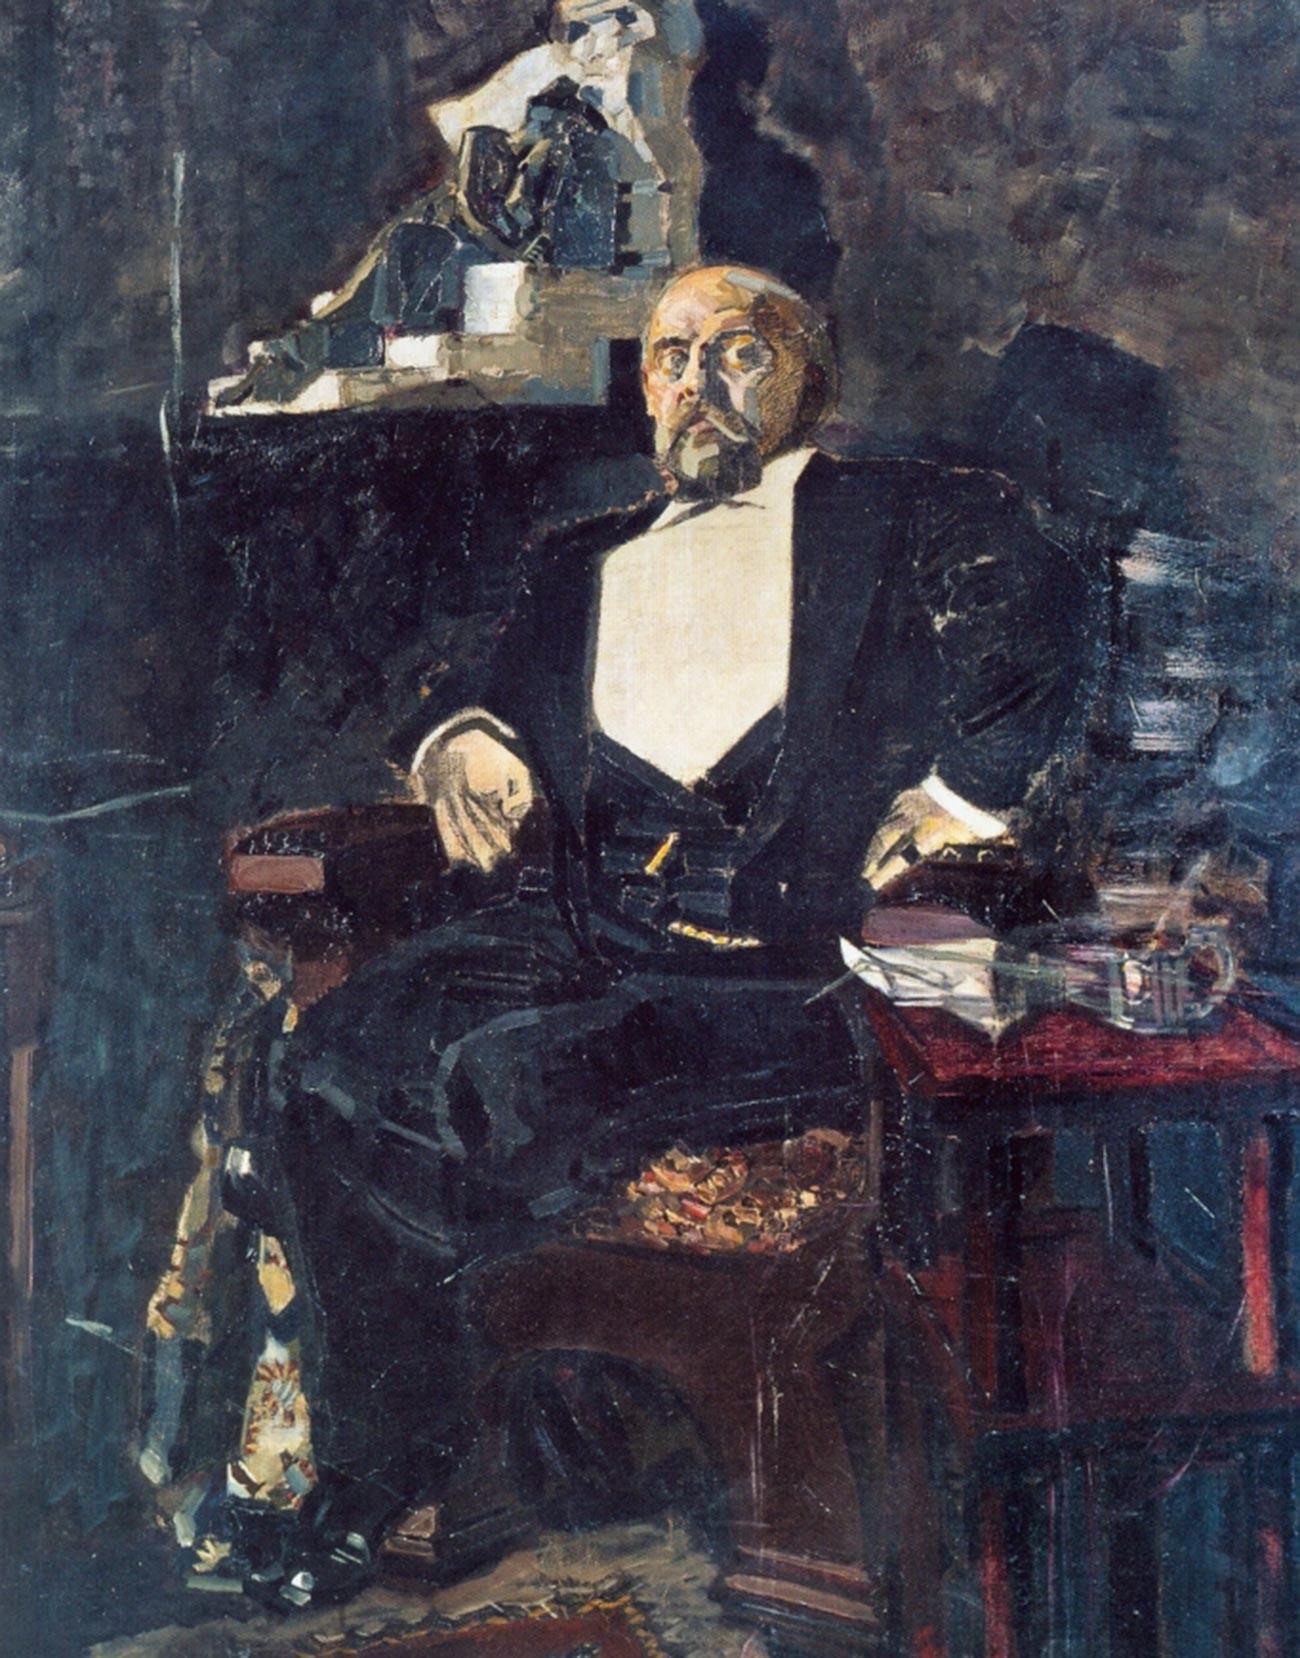 Mikhail Vrubel. Portrait of Savva Mamontov